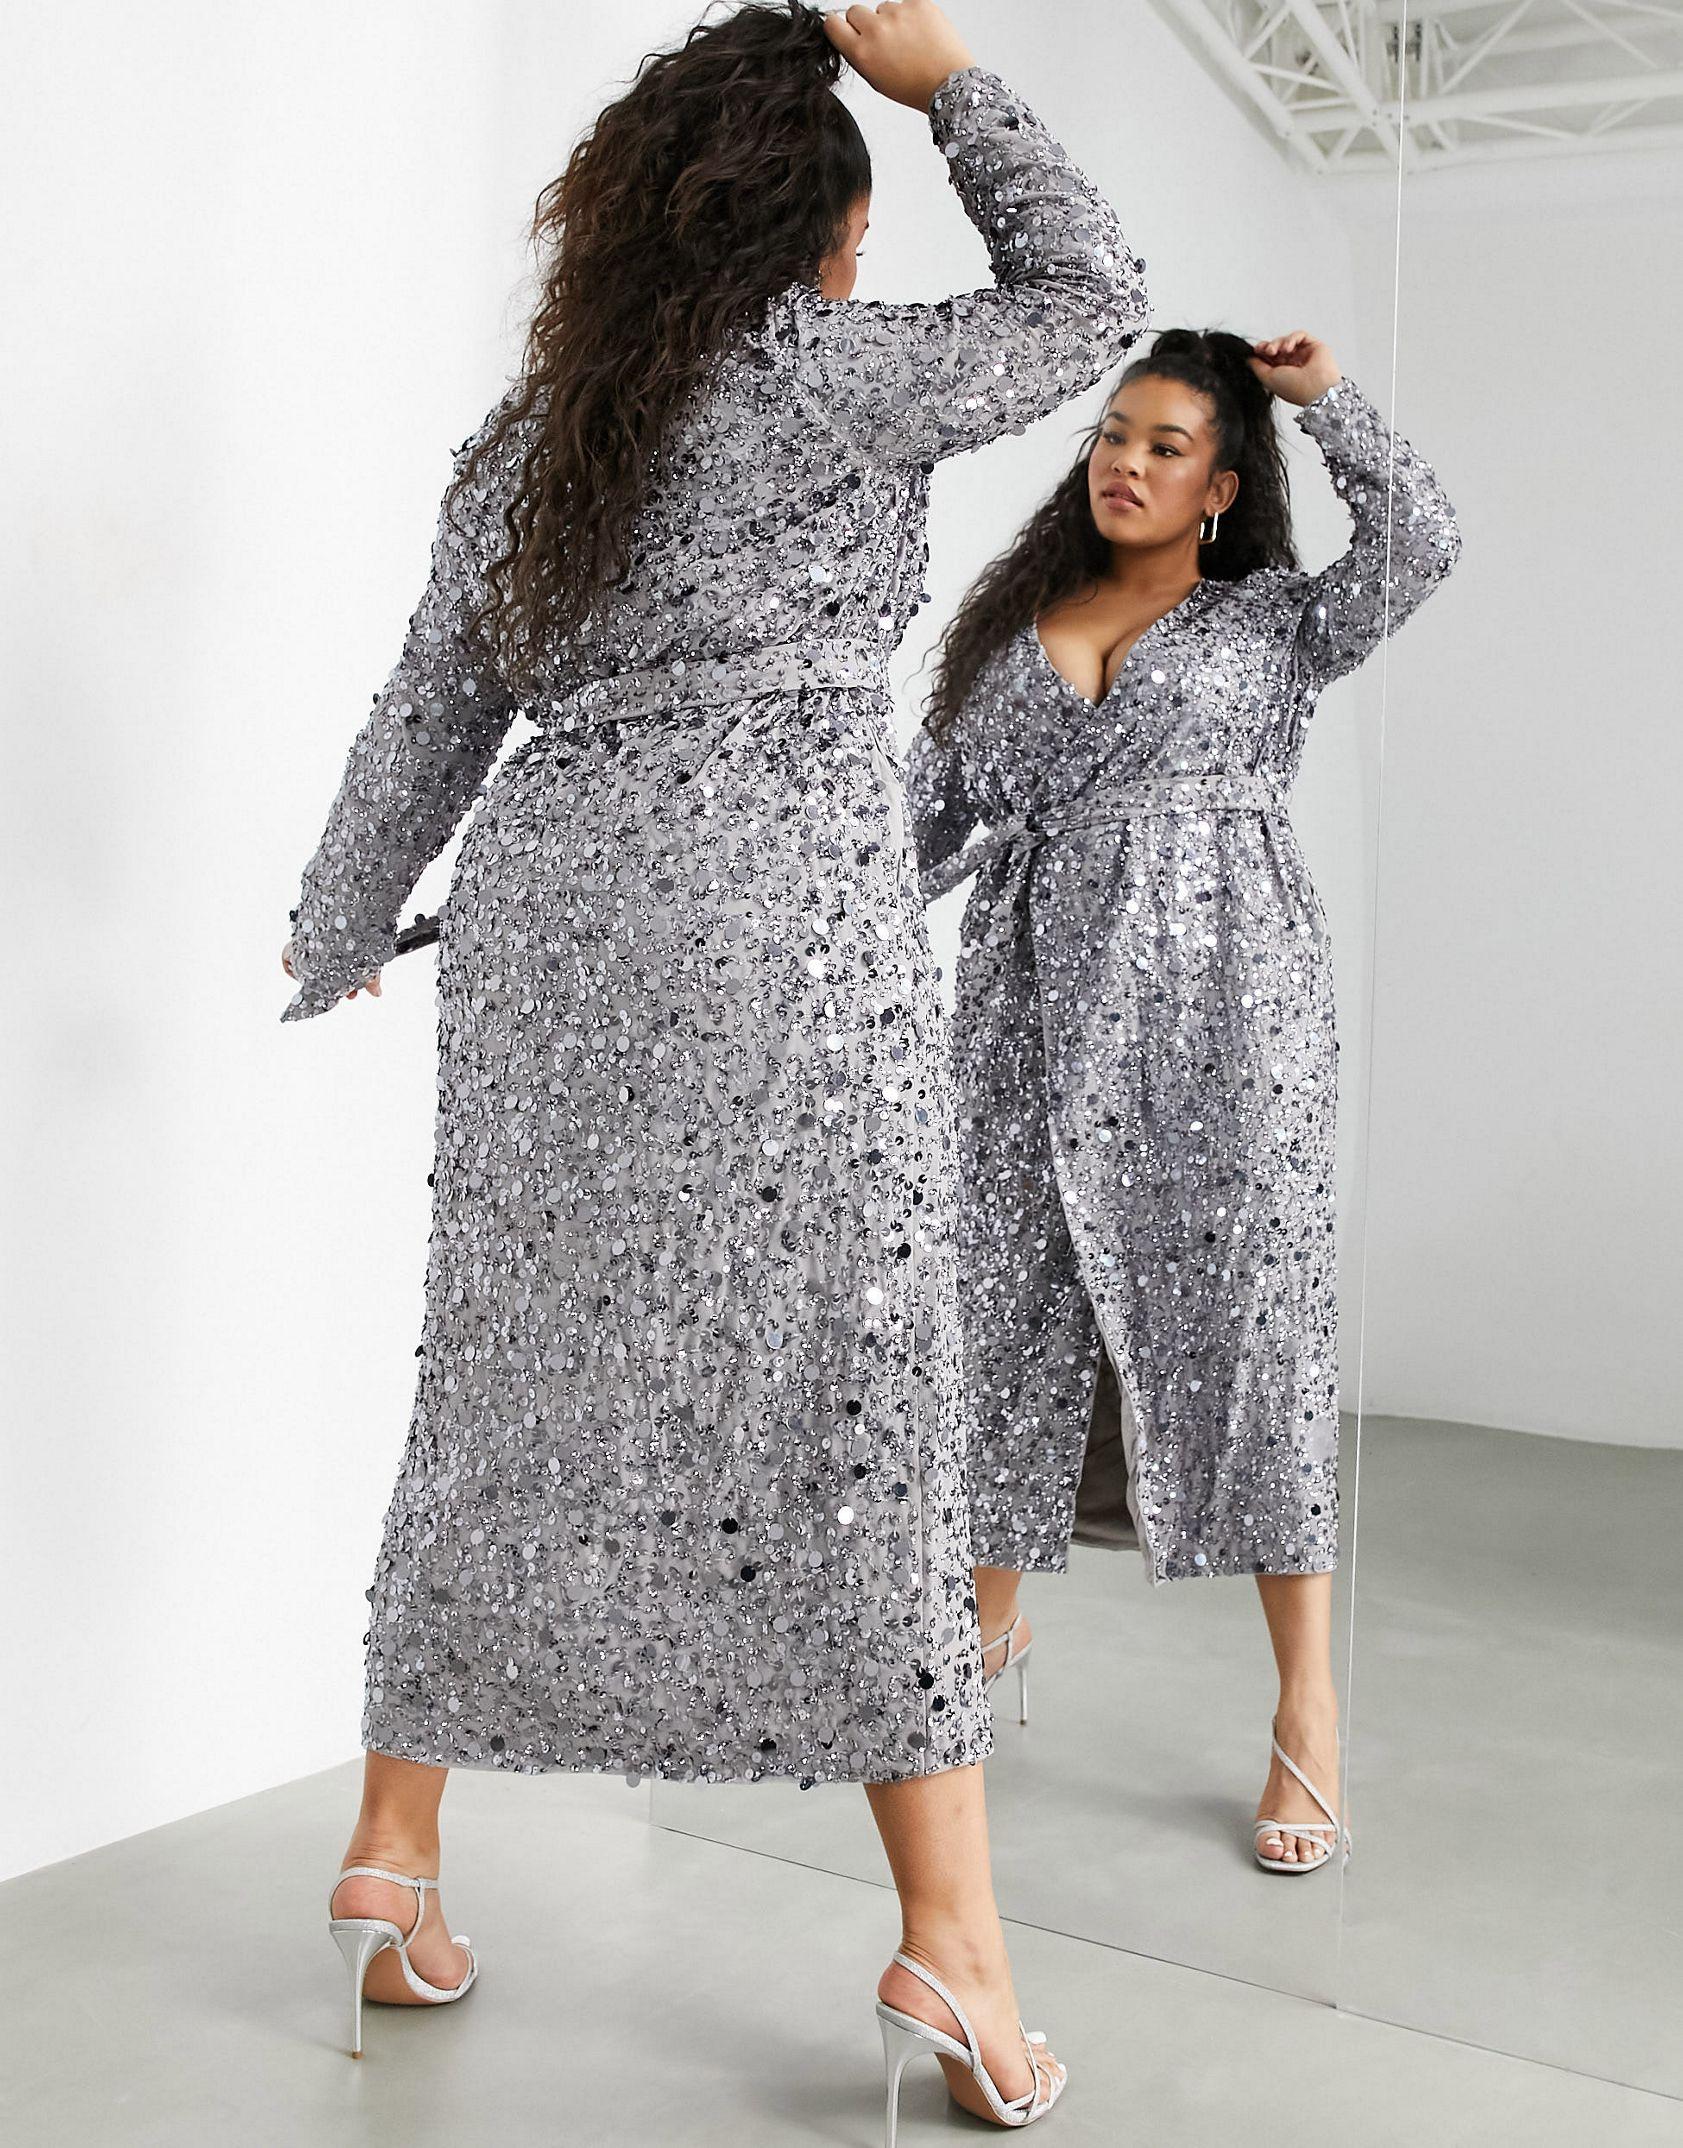 ASOS EDITION Curve wrap midi dress in disc sequin in silver -  Price Checker